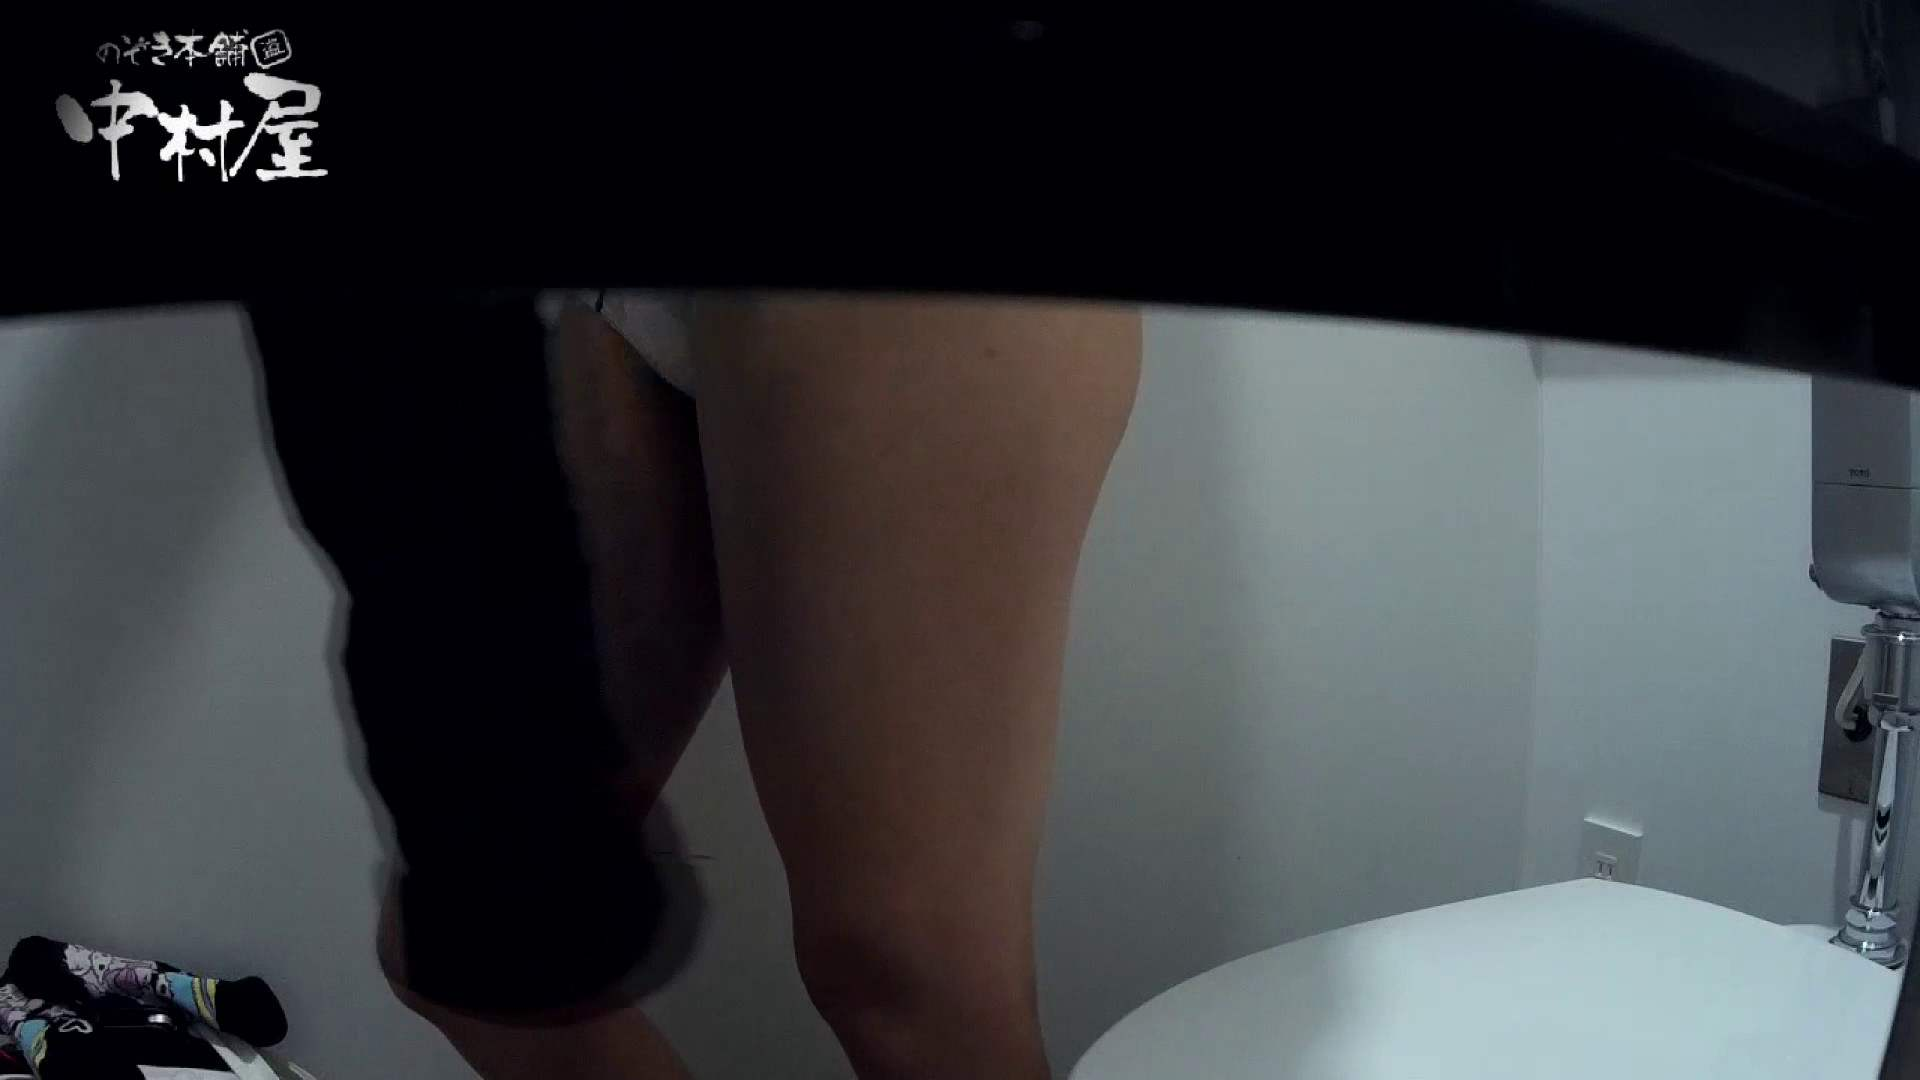 有名大学女性洗面所 vol.54 設置撮影最高峰!! 3視点でじっくり観察 洗面所突入 オマンコ動画キャプチャ 94pic 48